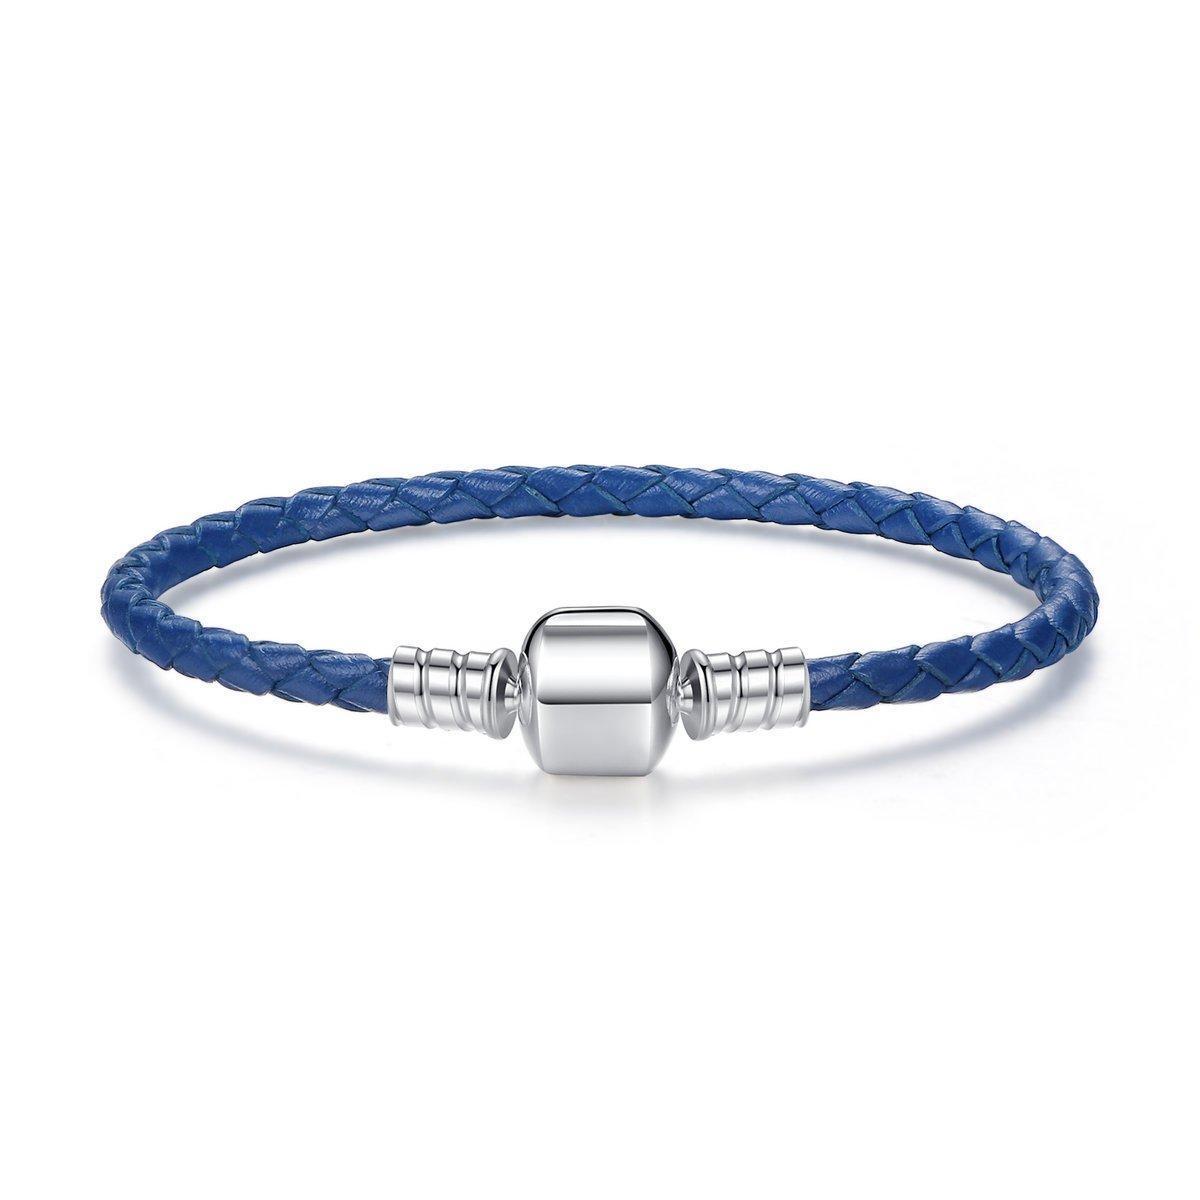 Кожаный браслет основа Pandora Style (стиль Пандора) синий - 20см 17 см